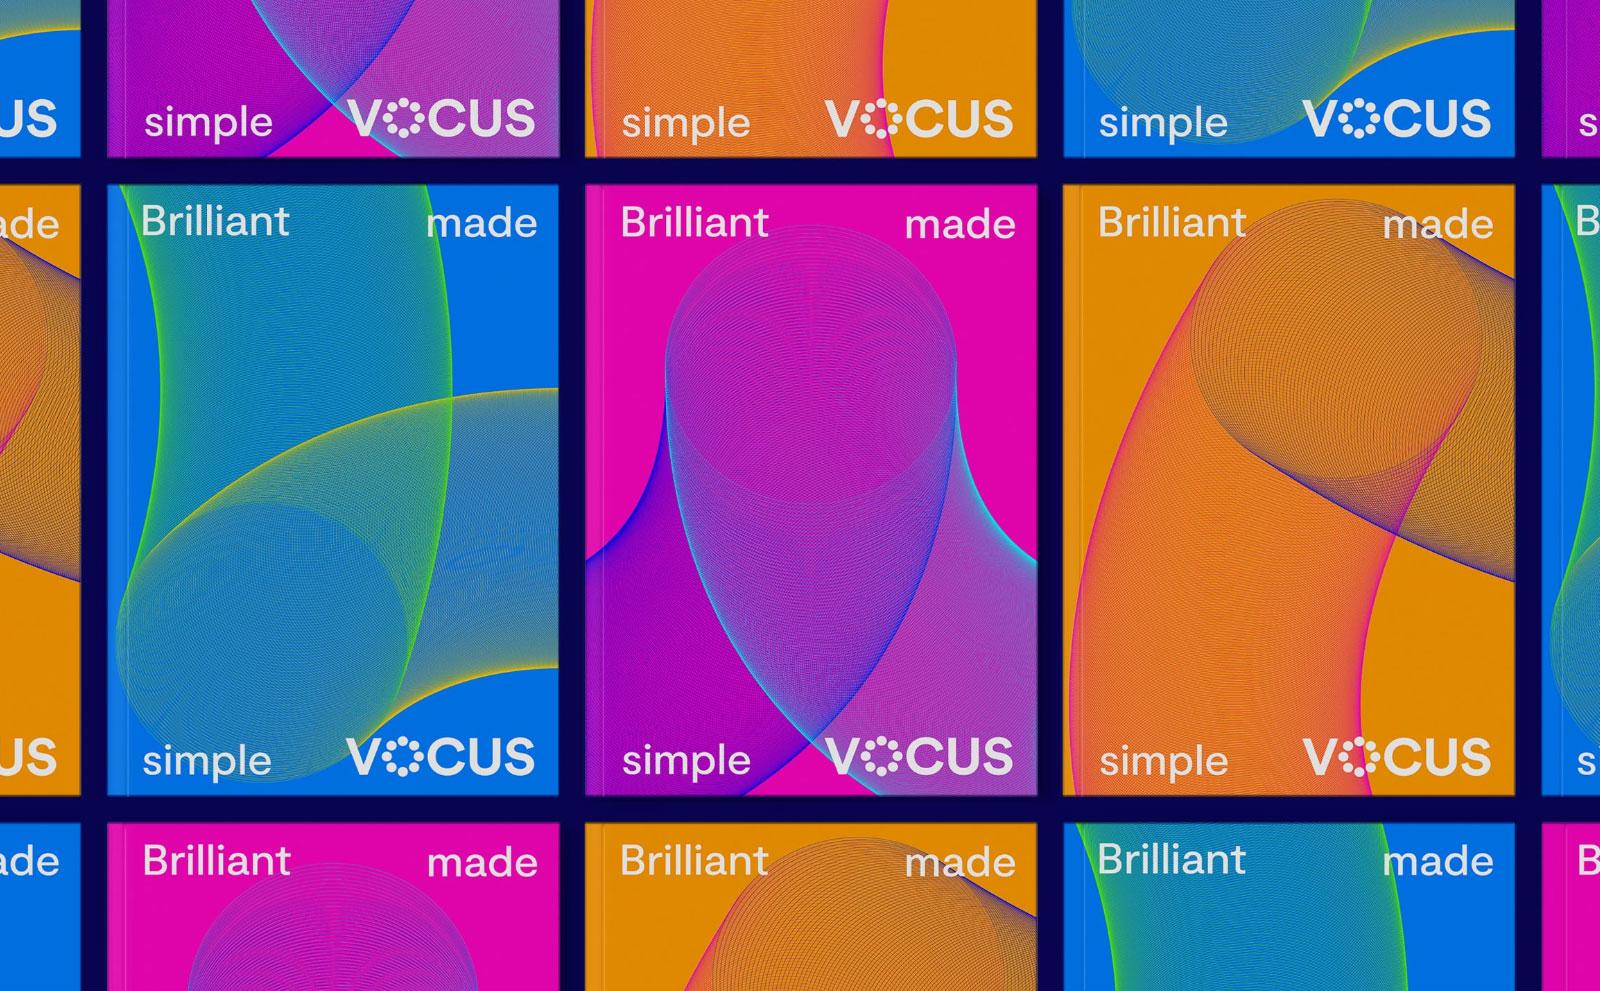 电信公司品牌形象设计